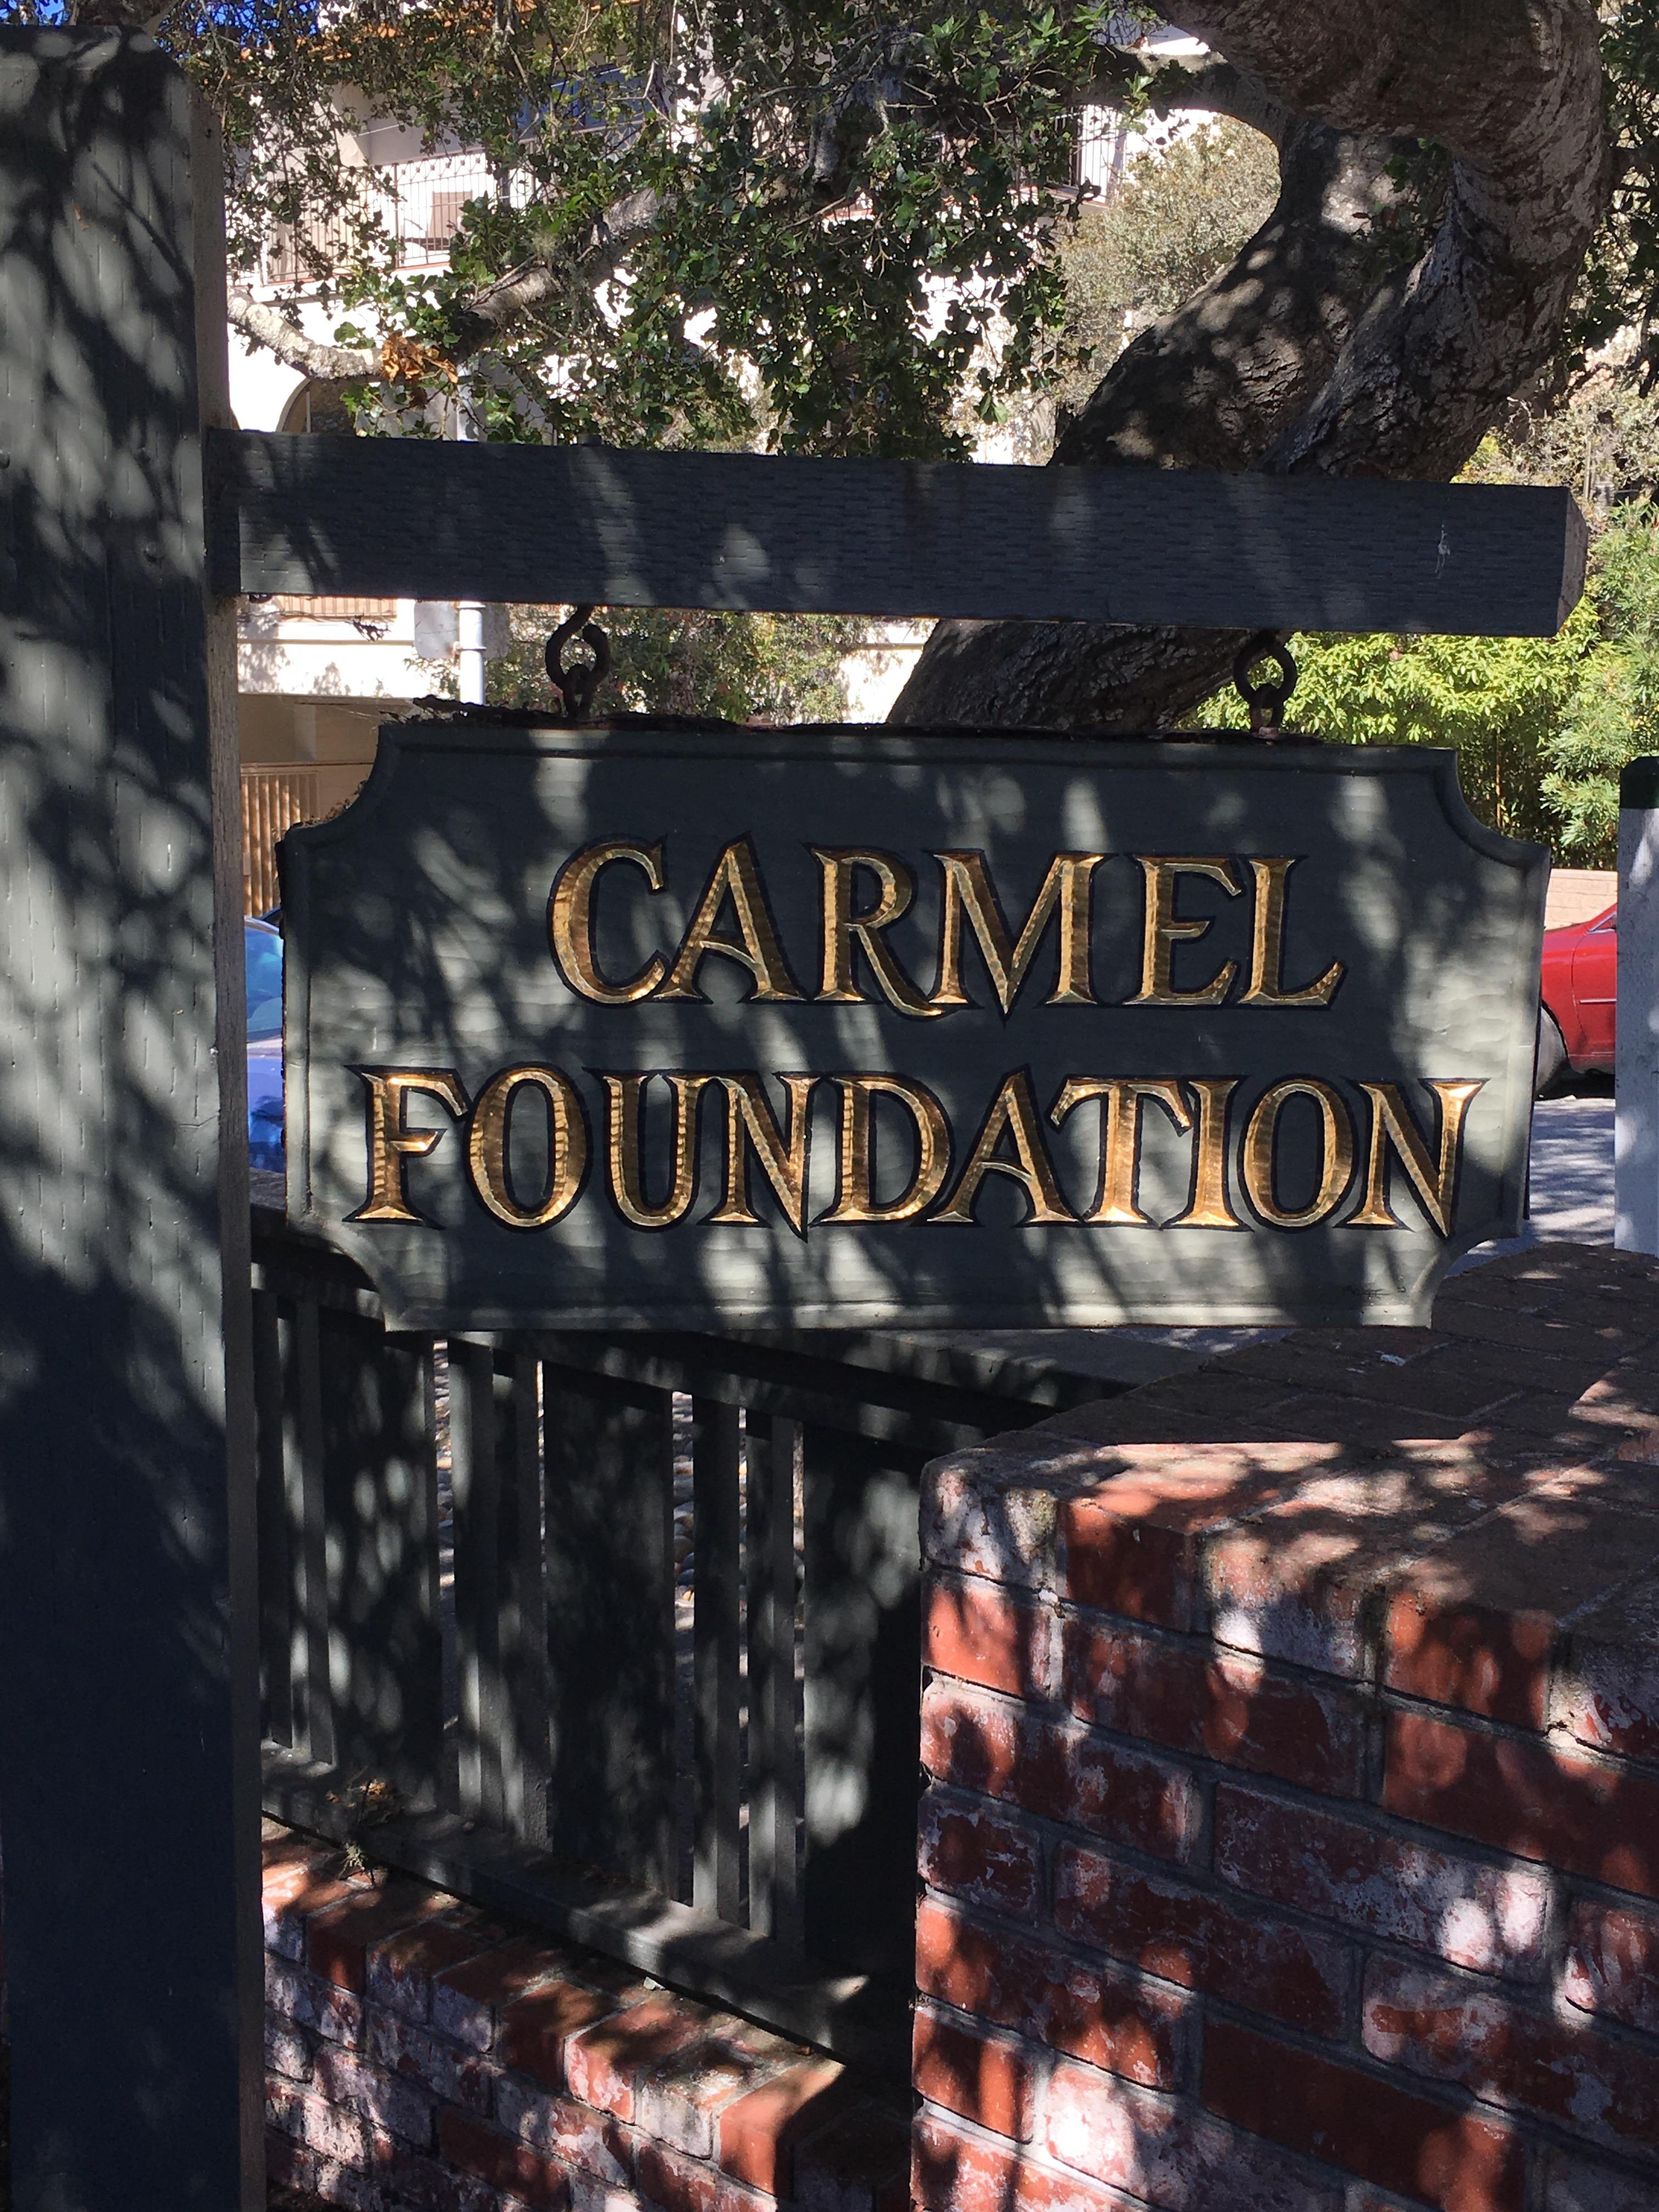 Carmel Foundation